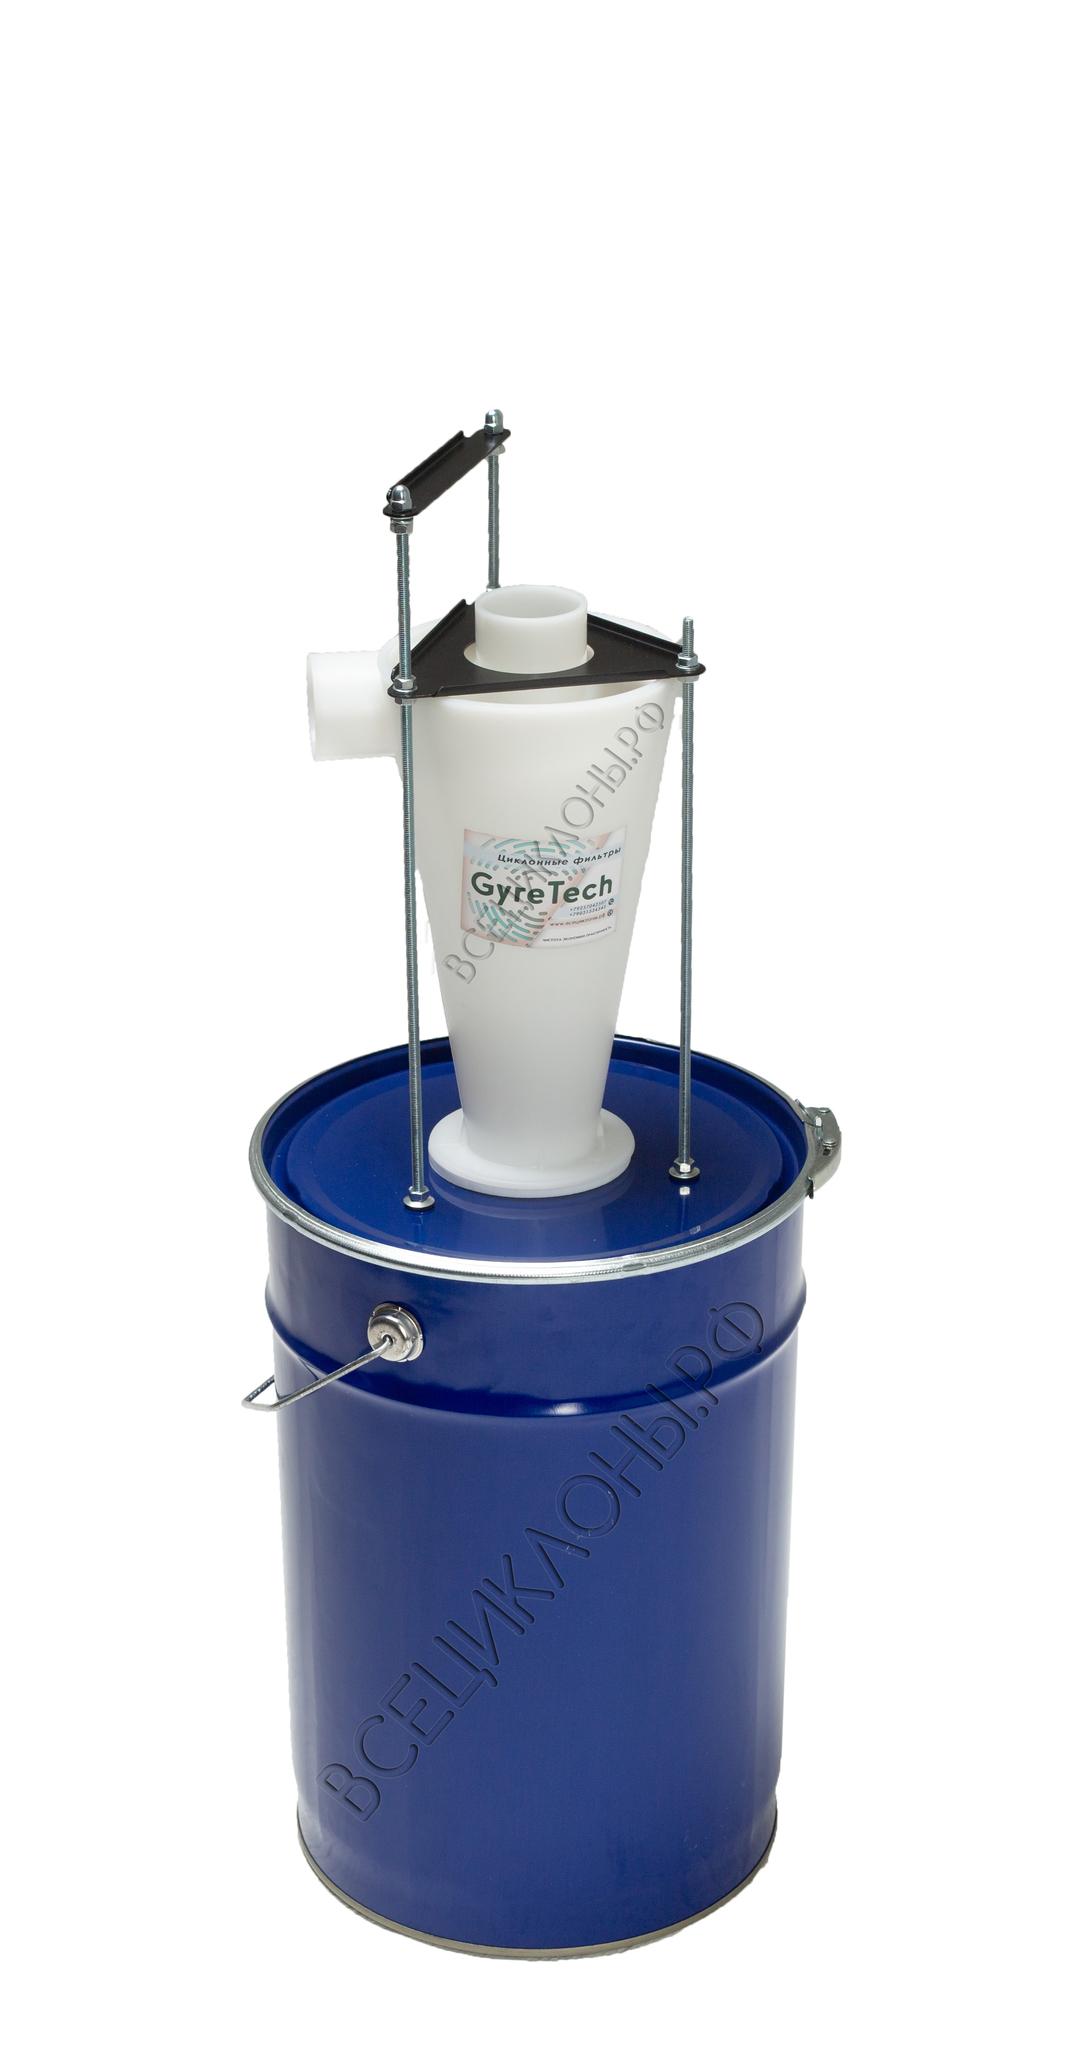 Комлект на основе циклонного фильтра М-1 (скелетный крепёж, шланг и пылесборник продаются отдельно)